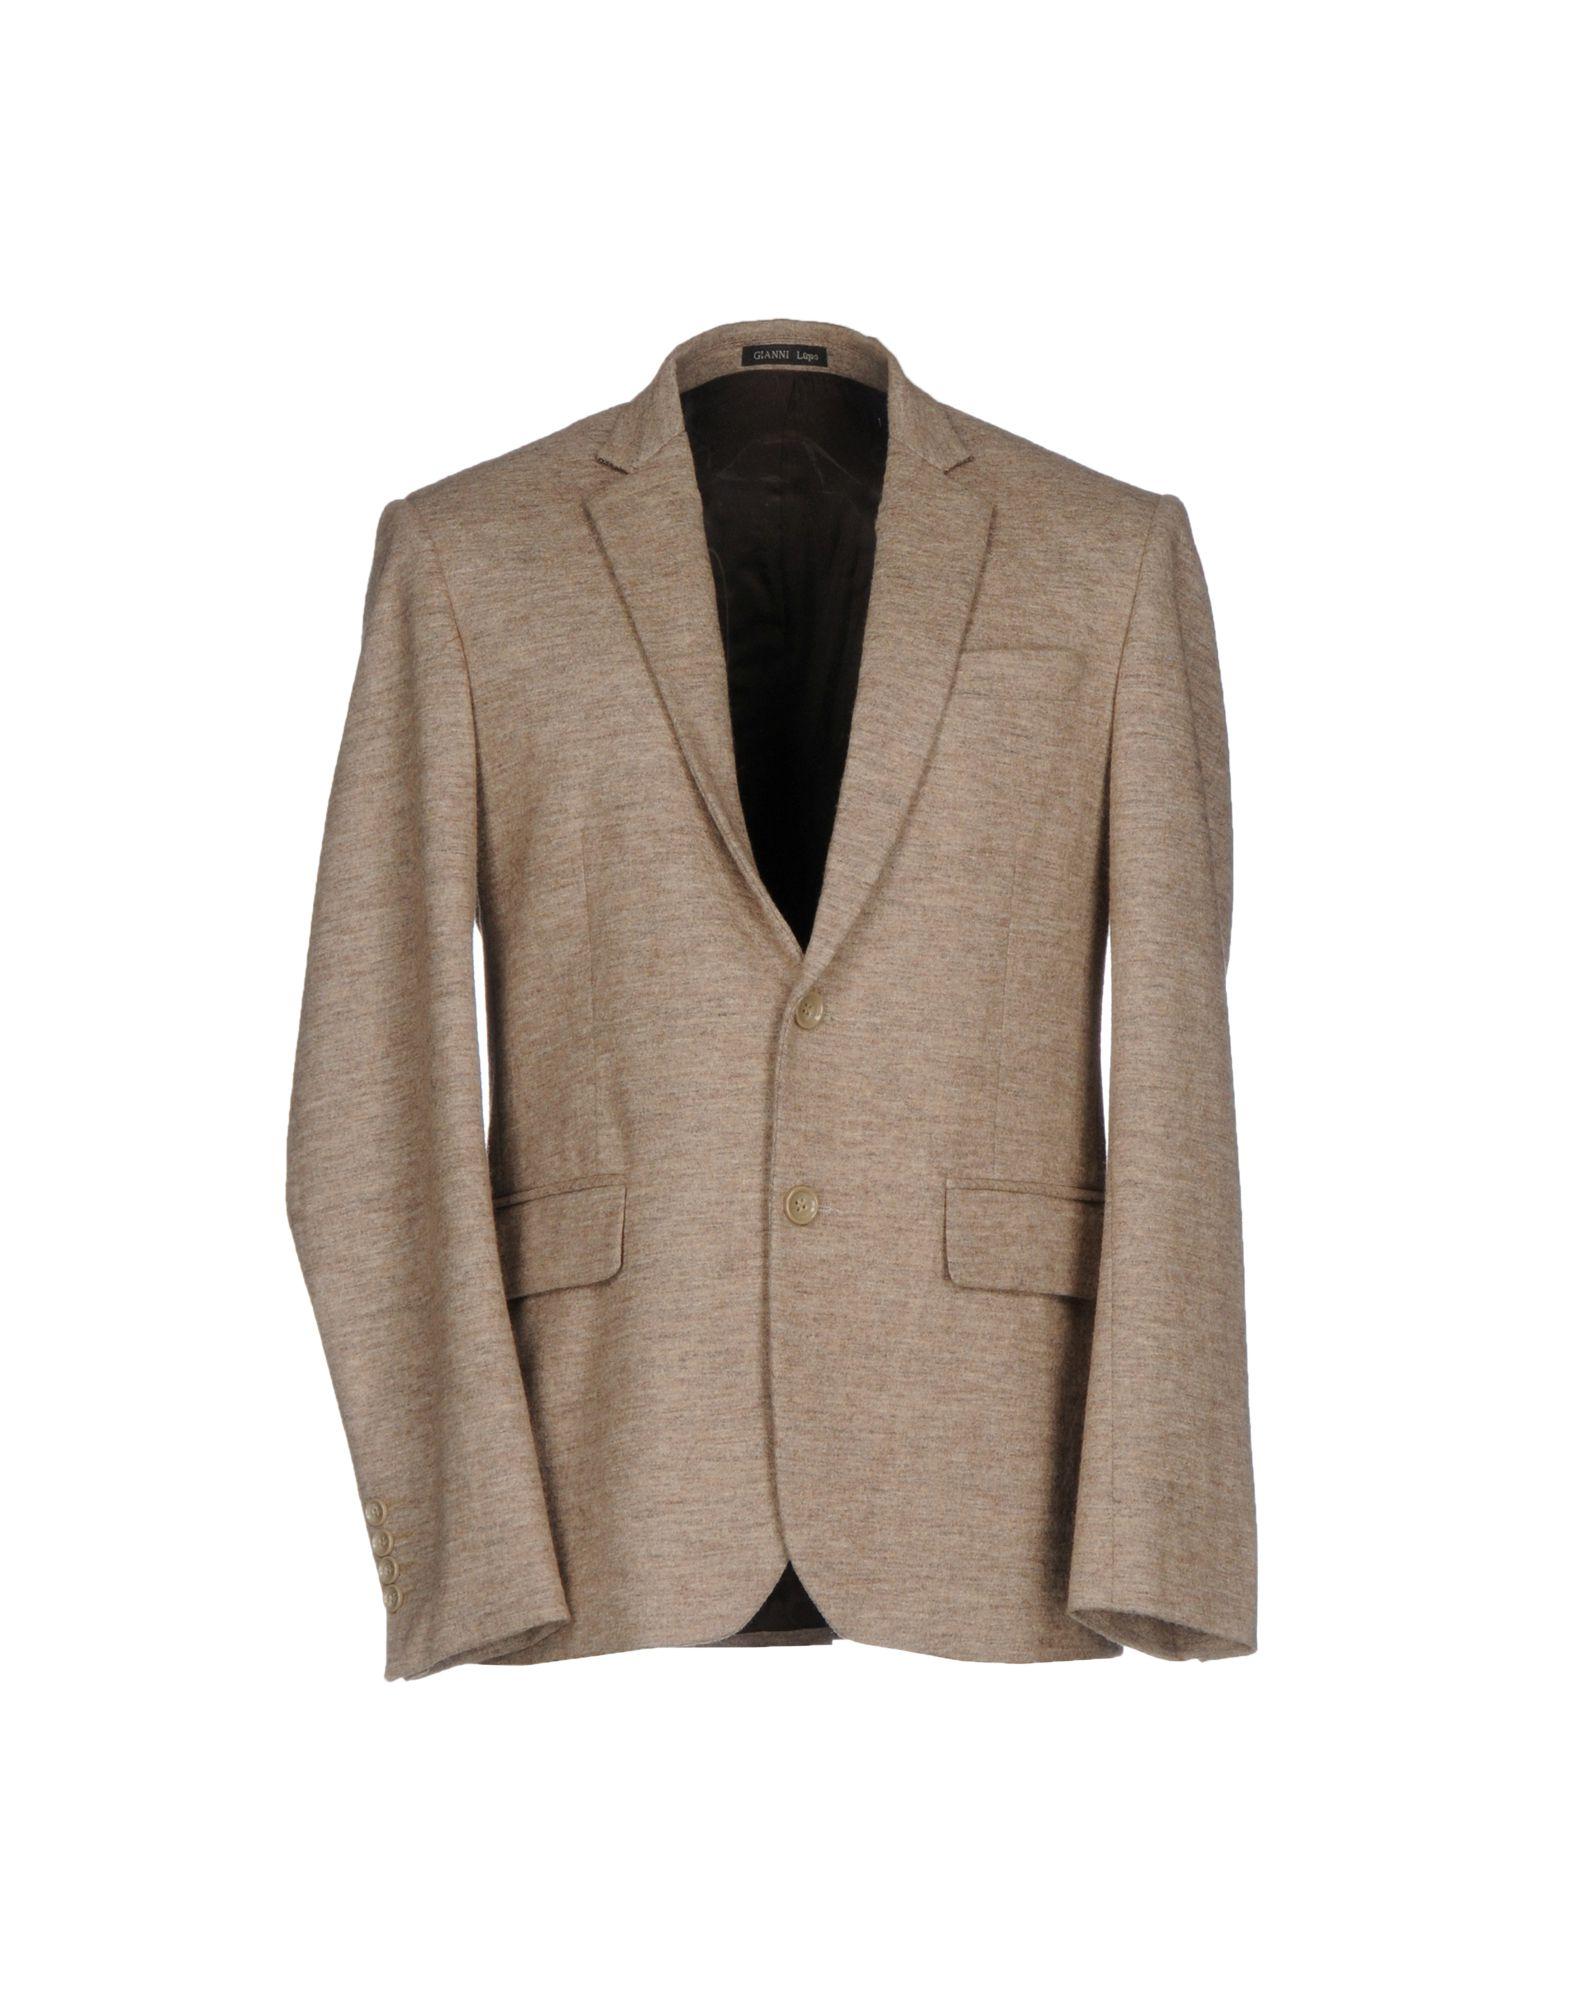 цены на GIANNI LUPO Пиджак в интернет-магазинах